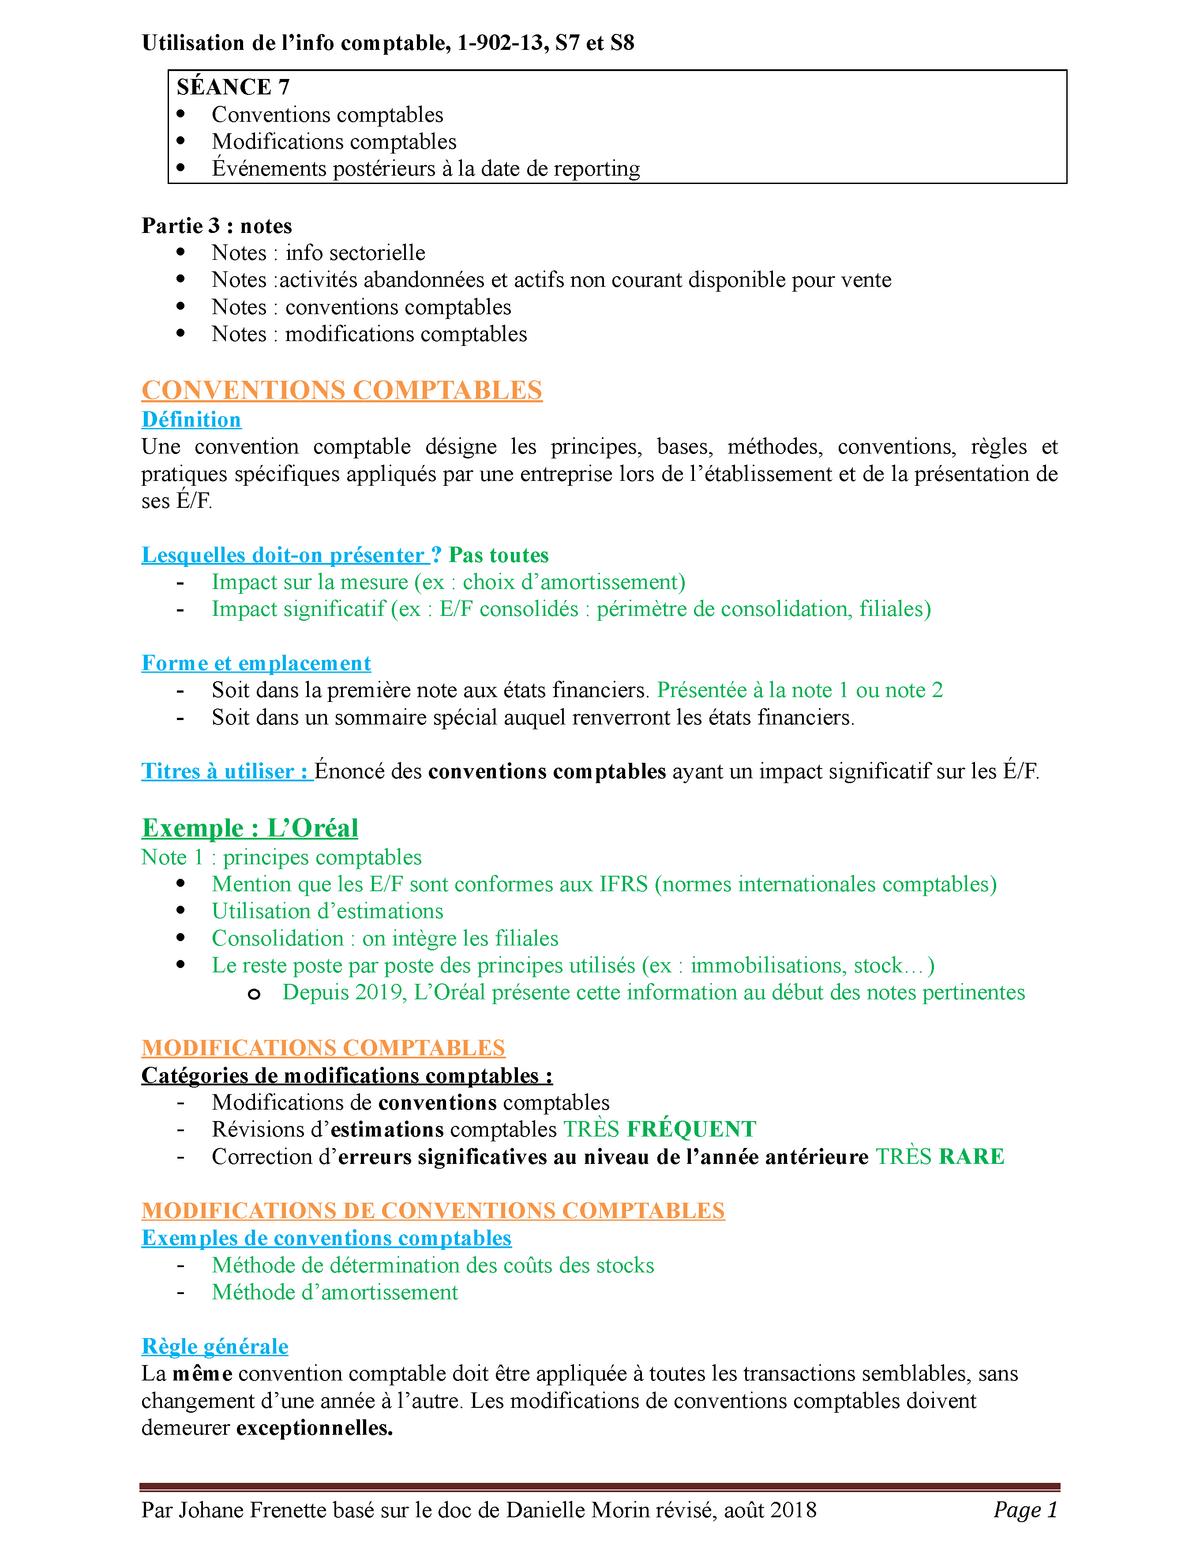 Notes S7 8 190213 Utilisation De L Information Comptable